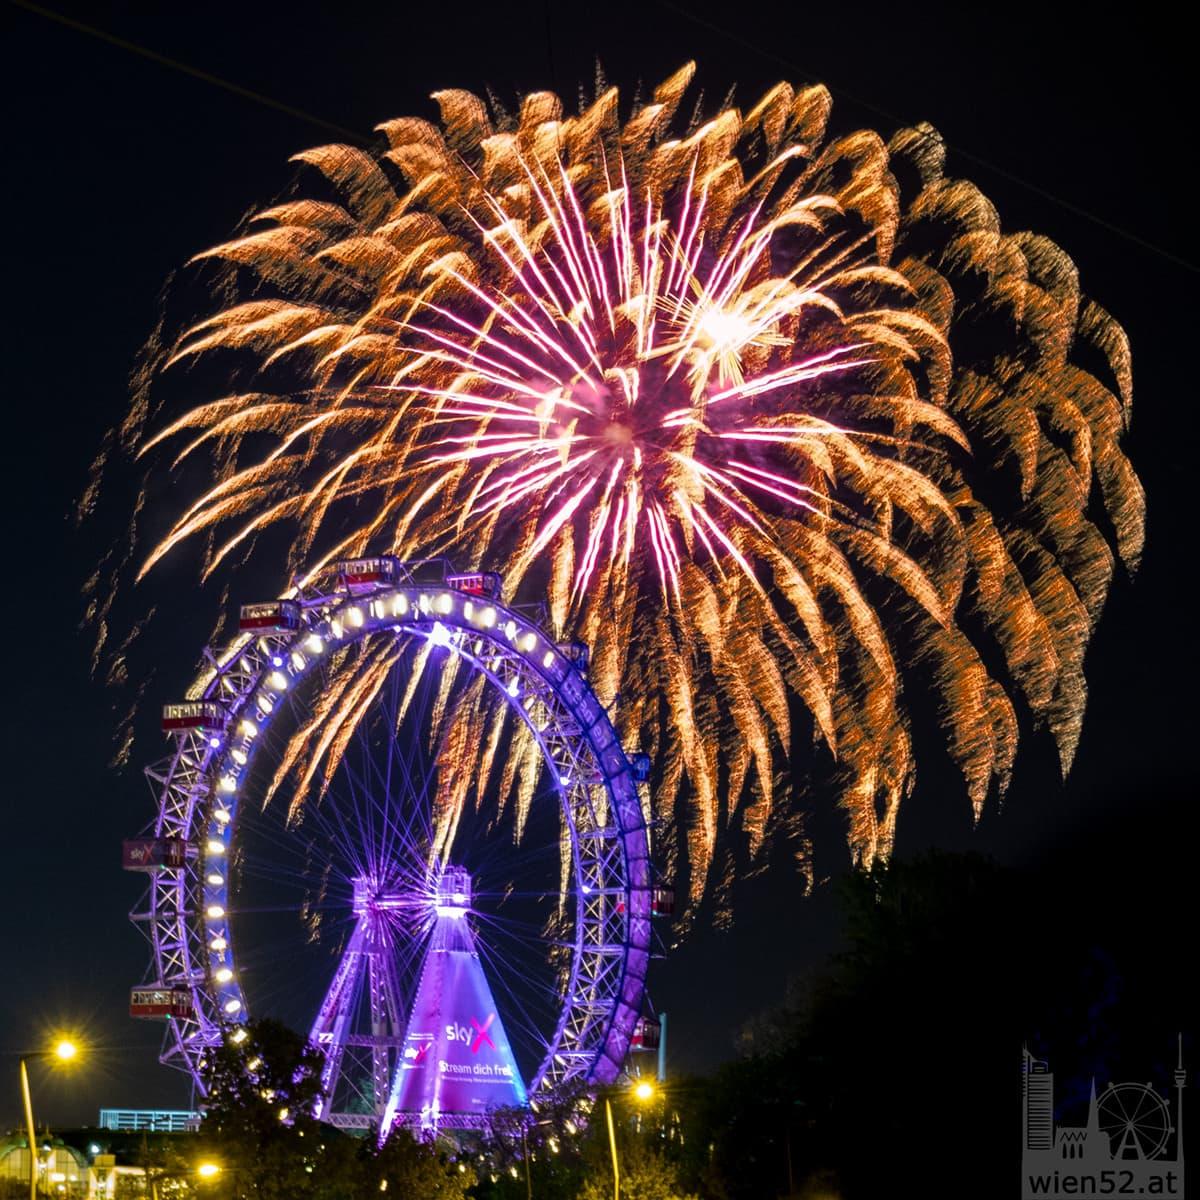 Maifest im Prater - Feuerwerk